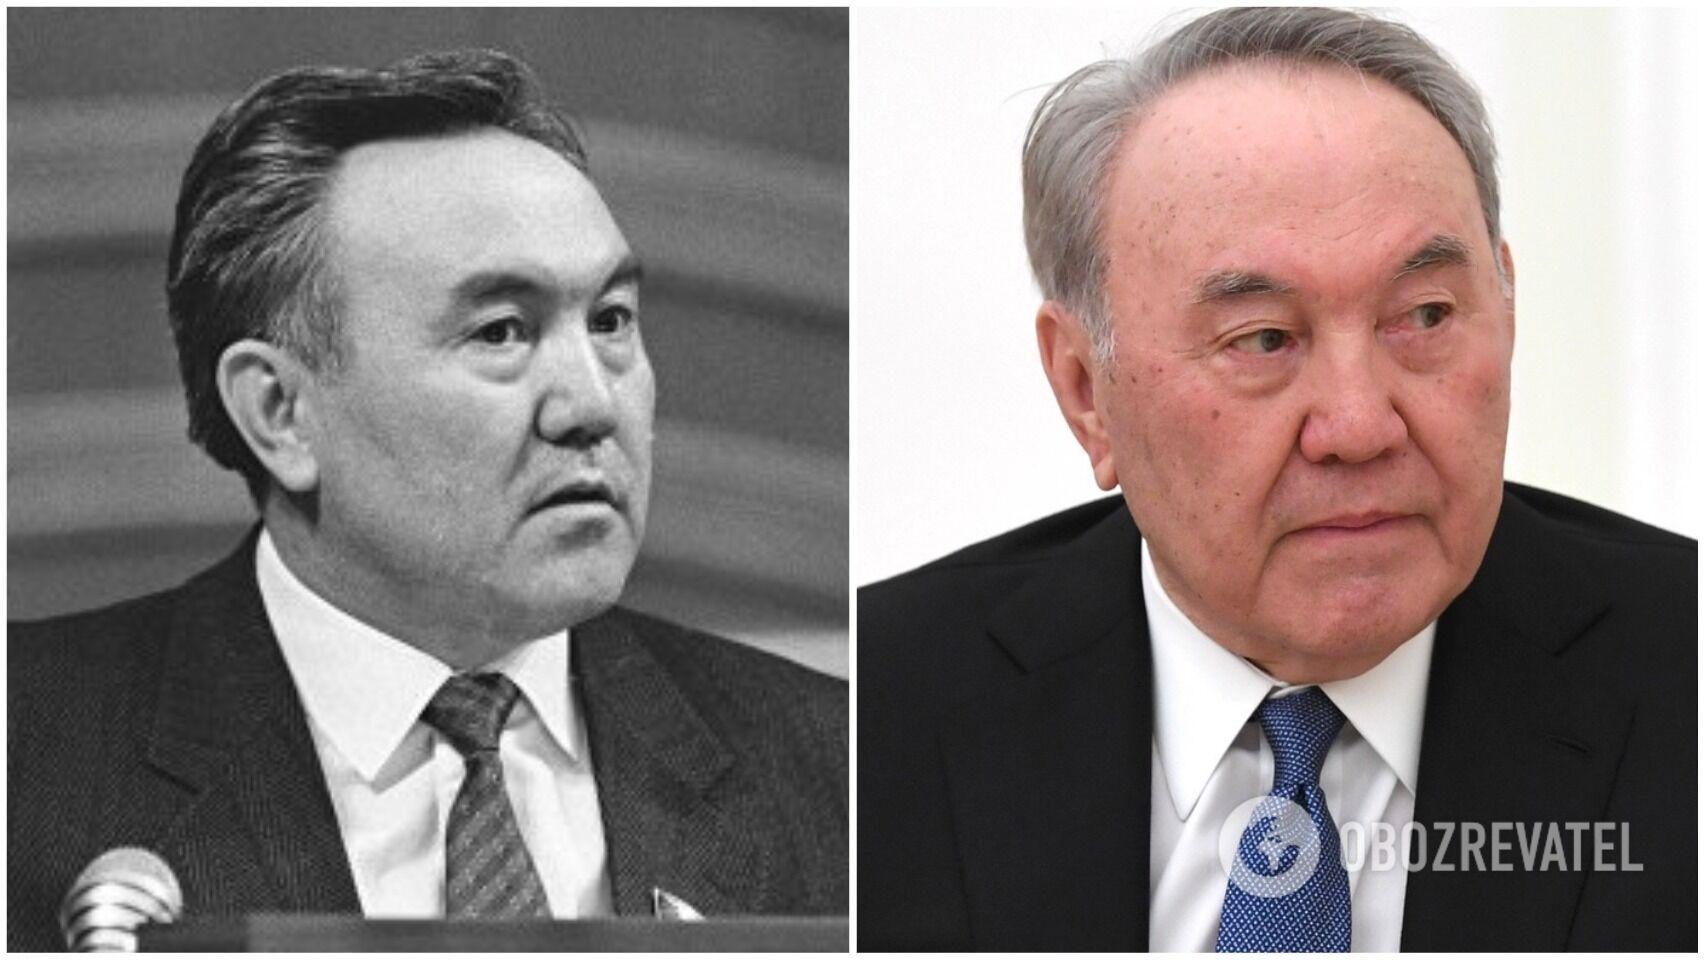 Нурсултан Назарбаев в 1990 году и сейчас